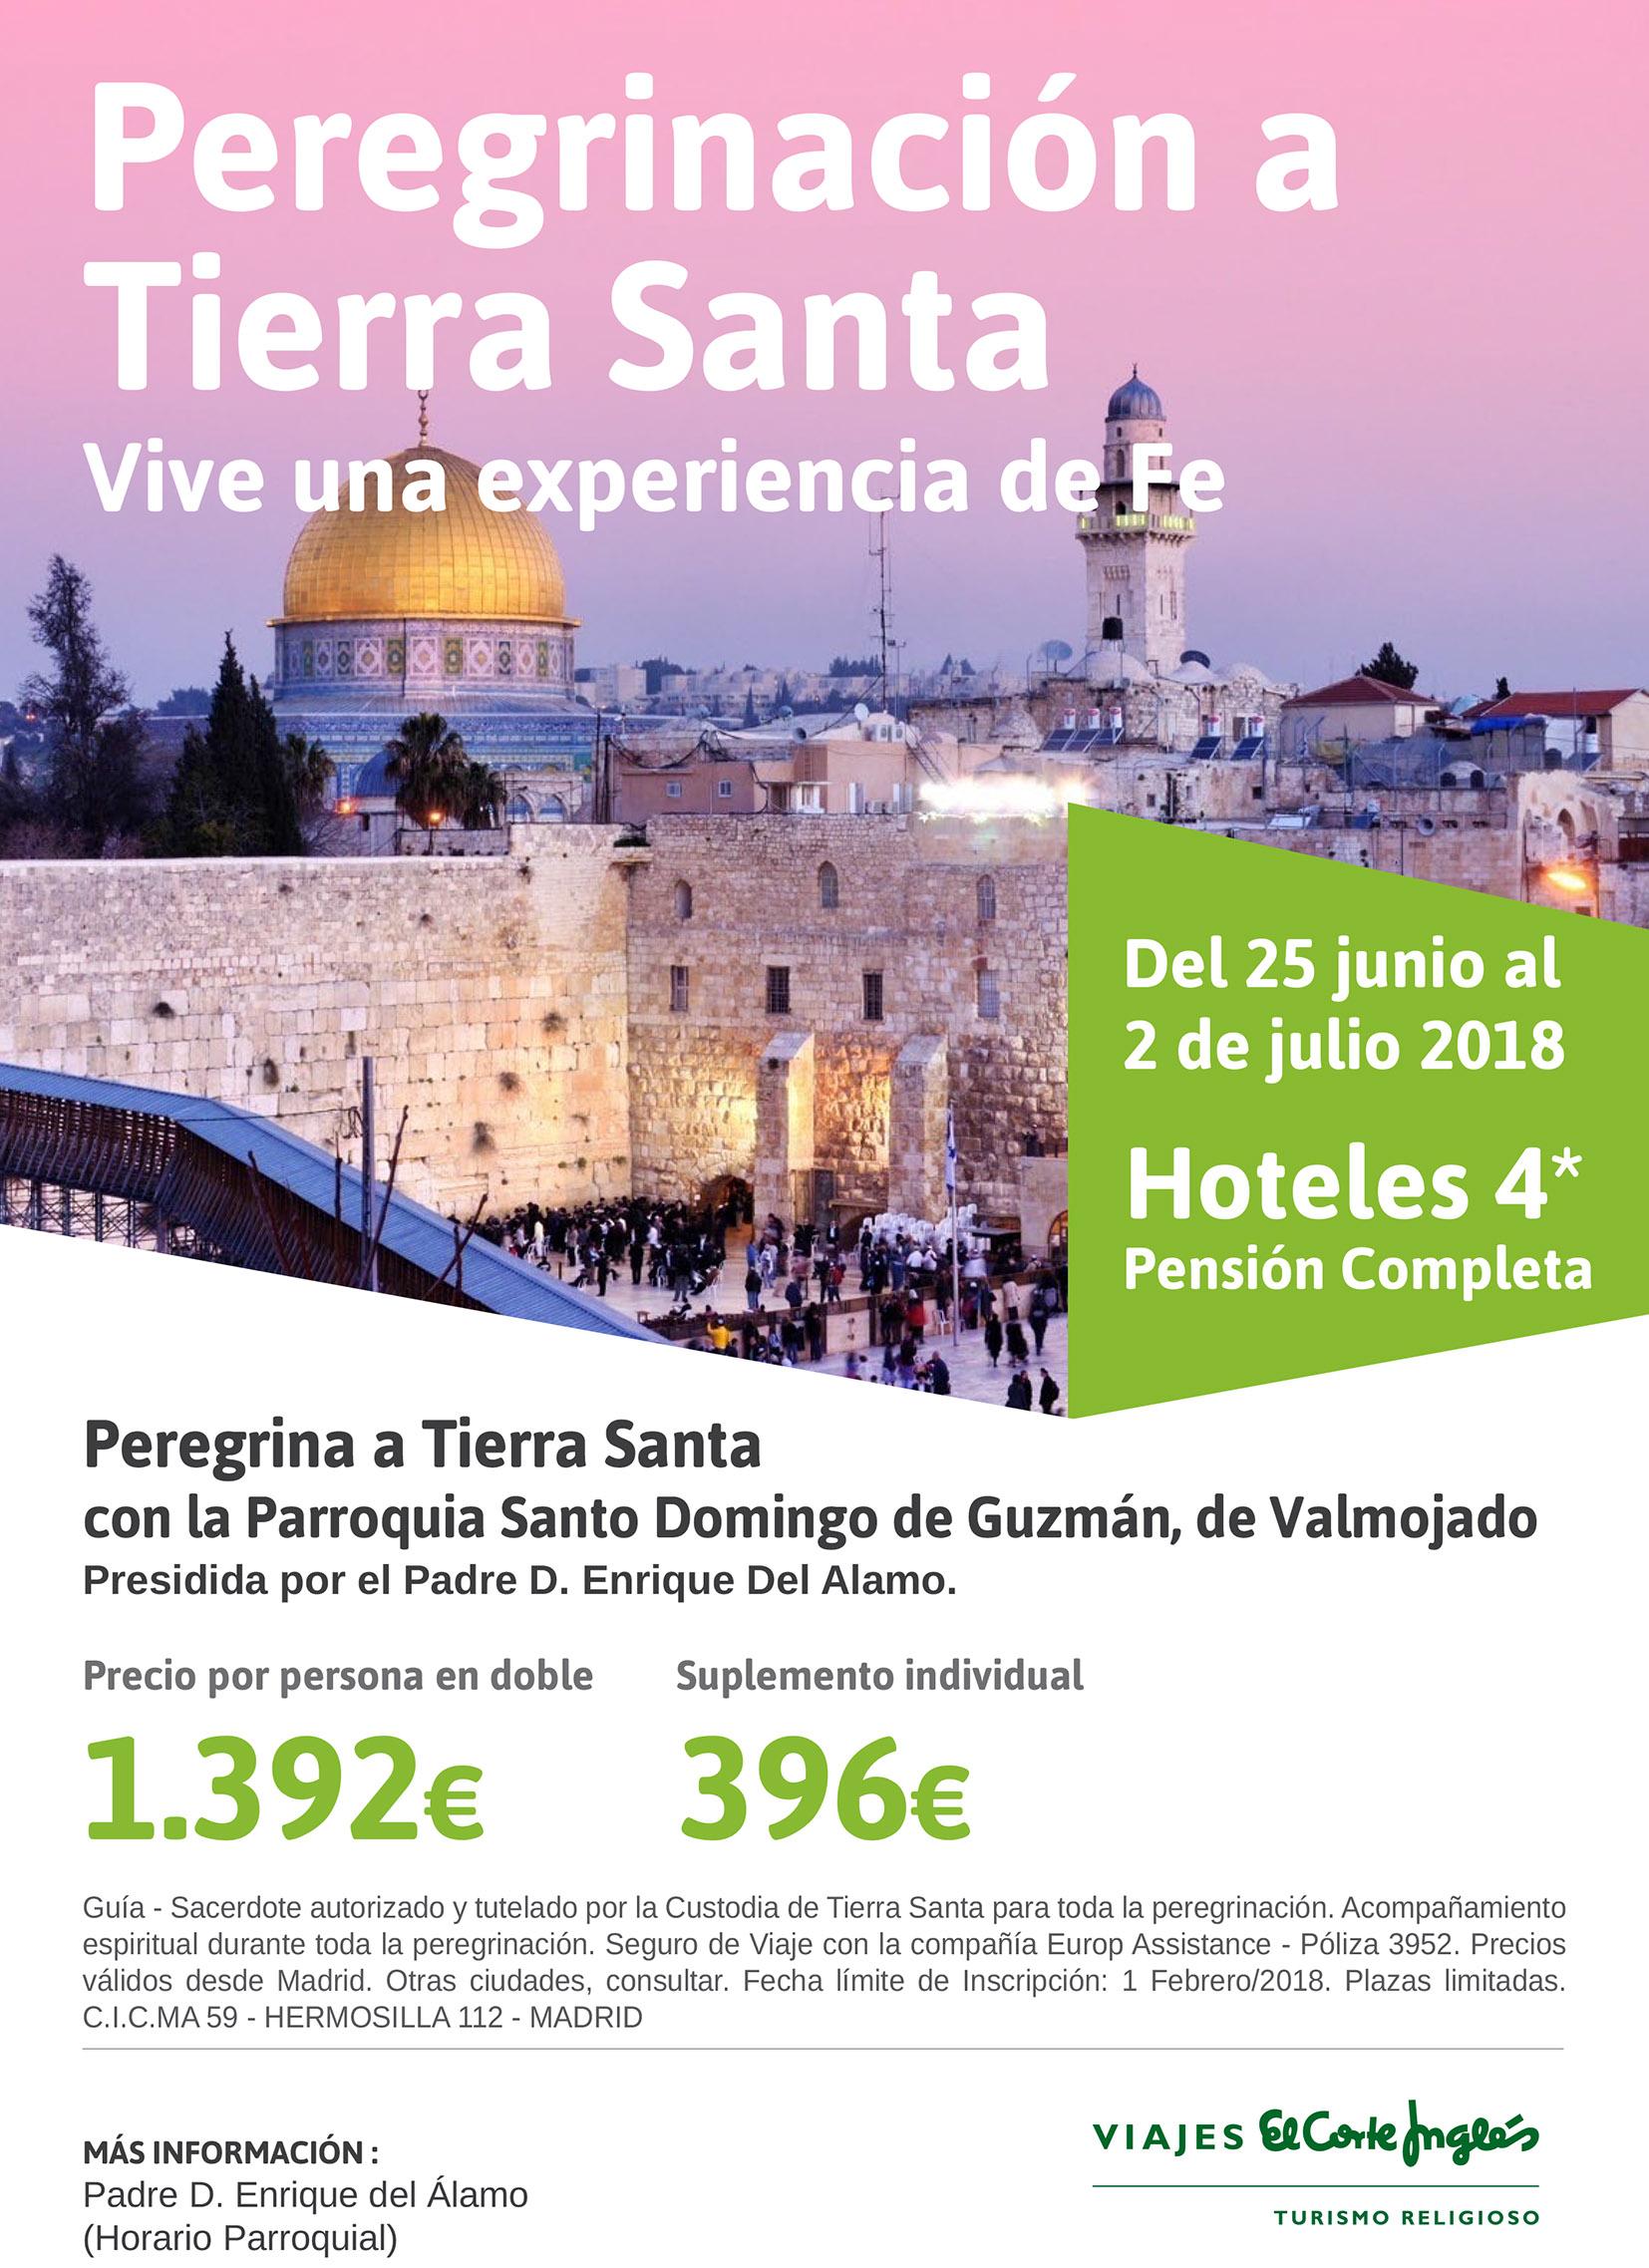 Siesta Herencia Hospital Viajes El Corte Ingles Tierra Santa Clasificación Converger Unir